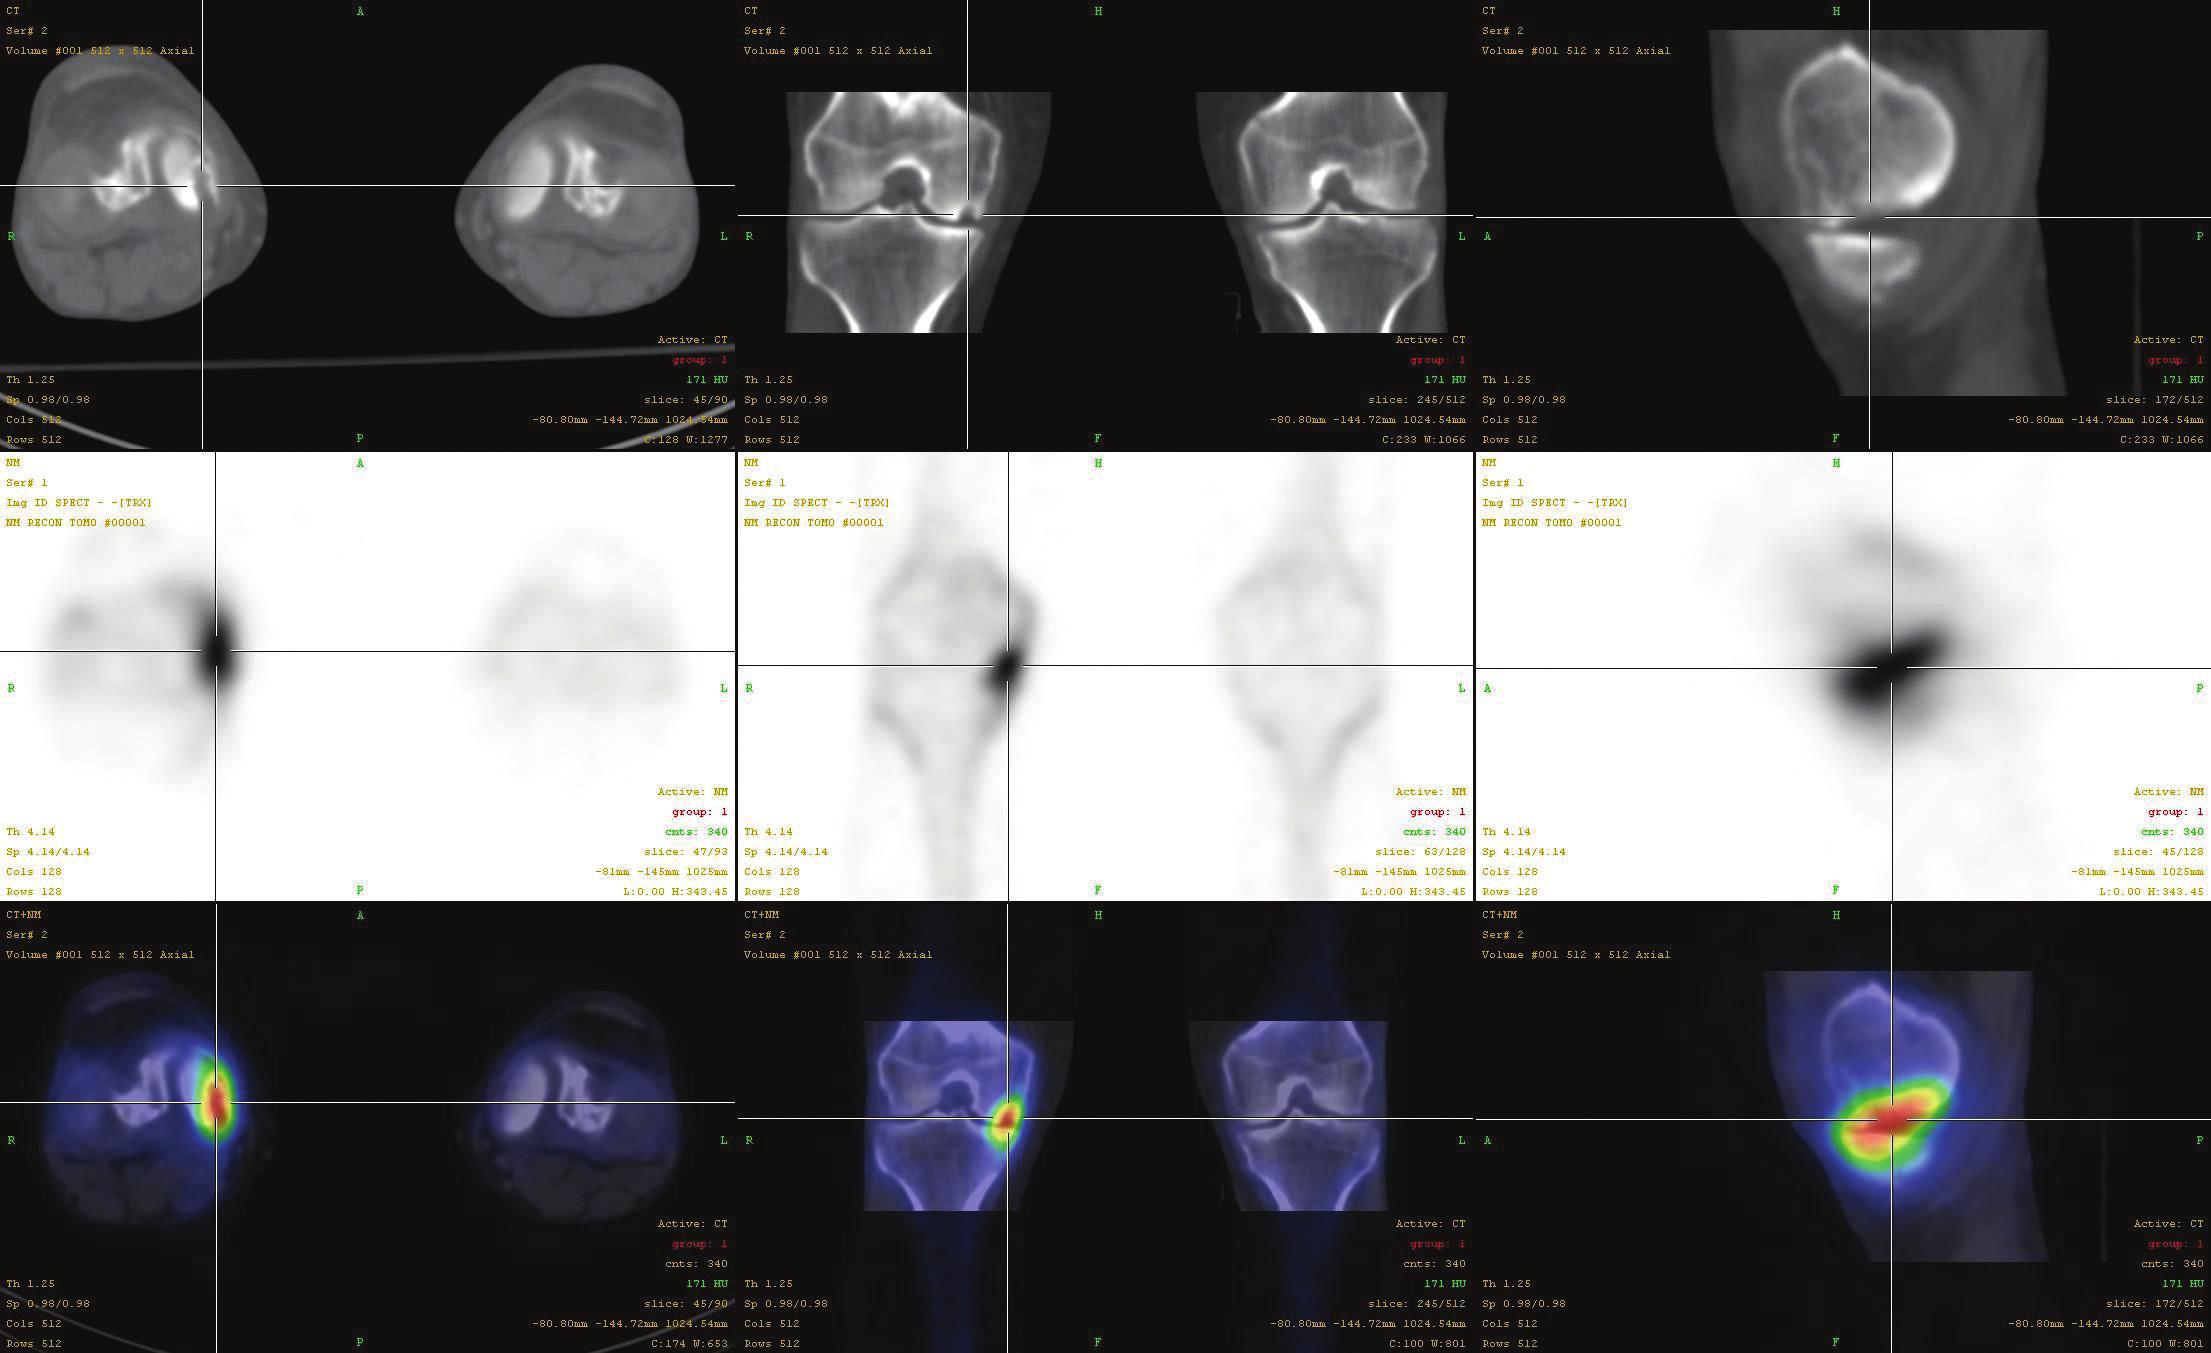 Fúze SPECT/CT obrazu u pacienta s osteochondrálním defektem mediálního kondylu femuru v pozdějším stádiu a s přestavbovou aktivitou i protilehlého konce tibie. V horní řadě je obraz z LDCT postupně v transaxiální, koronární a sagitální rovině. Střední řada ukazuje odpovídající SPECT řezy. Dolní řada prezentuje odpovídající fúzované SPECT/CT řezy. Scintigrafický nález v pozdějších stádiích nemusí být výrazný, nález na LDCT je typický.